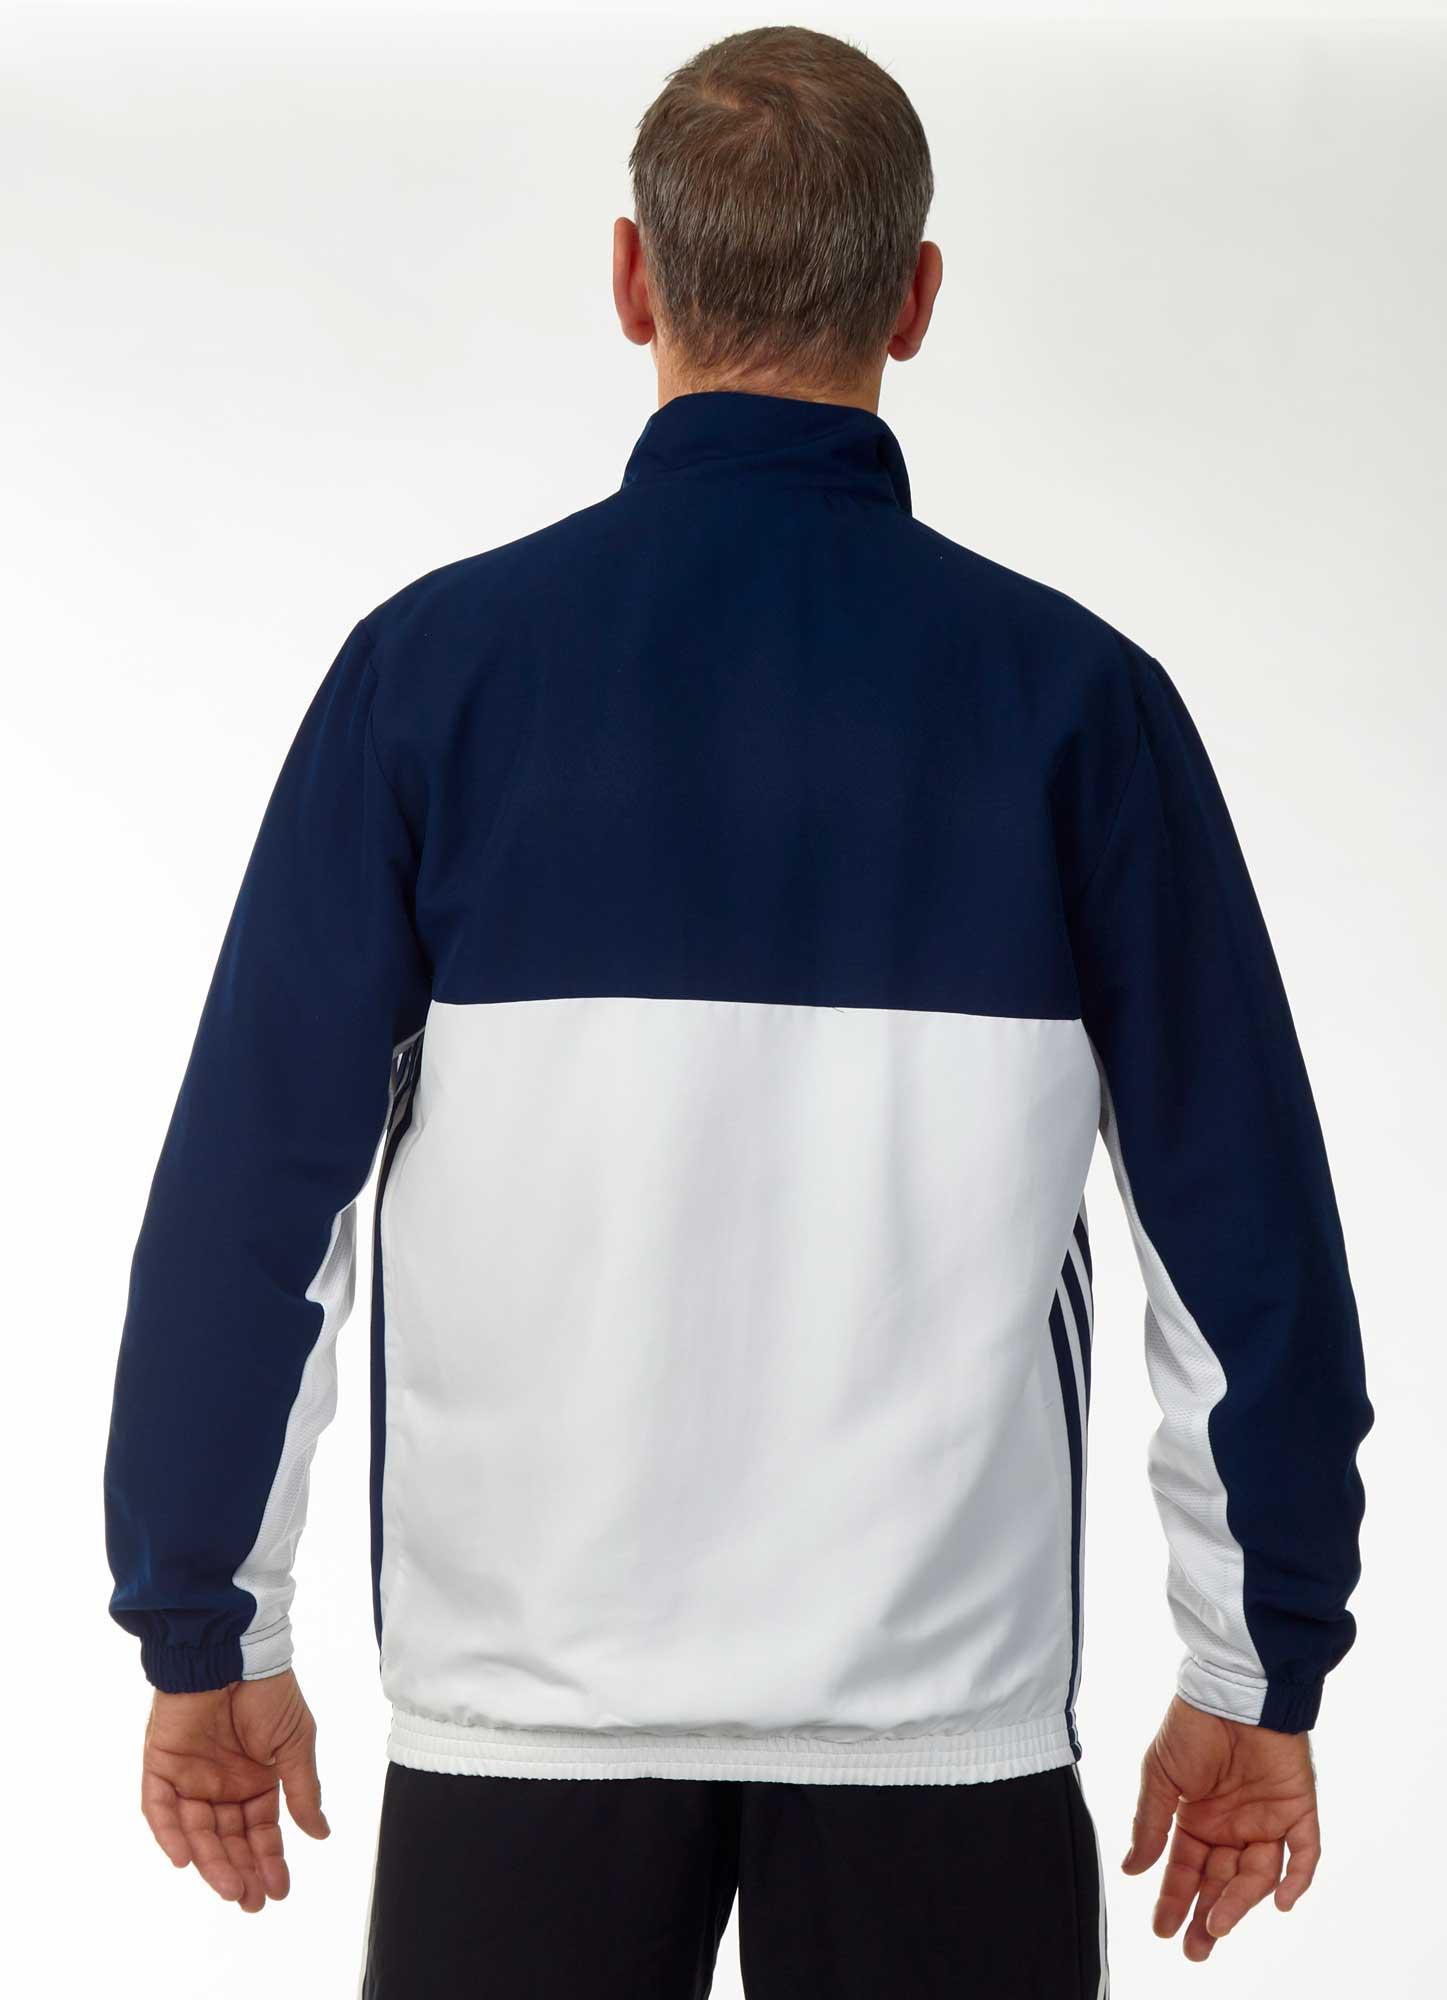 Adidas Dragon CF I blauweiss ab 42,99 ?   Preisvergleich